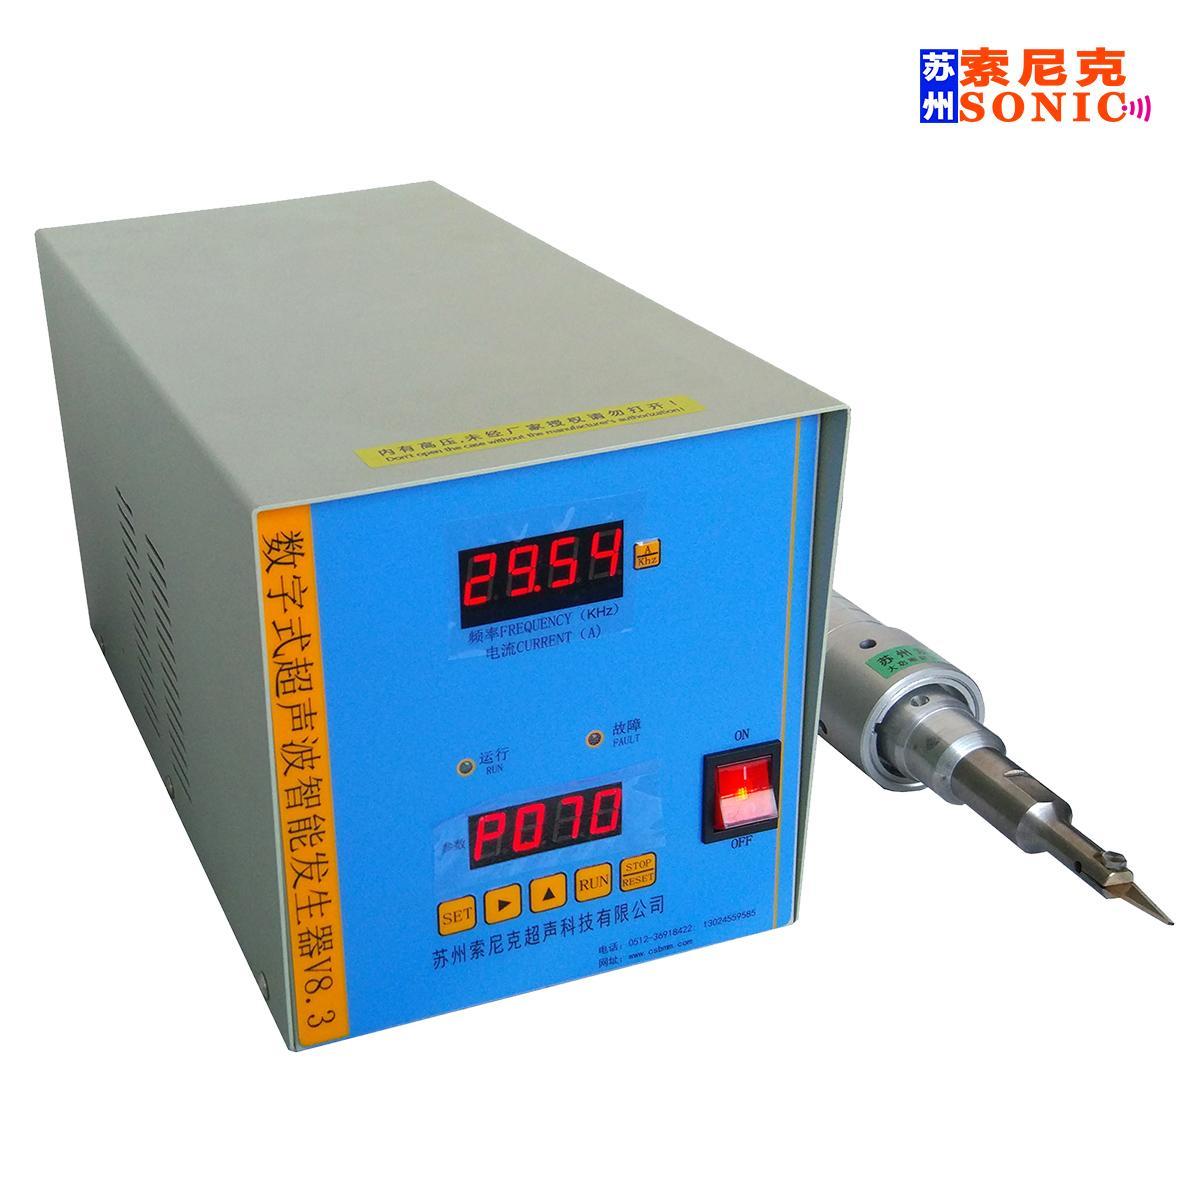 手持式JY-Q30超声波塑料切割修边机  3